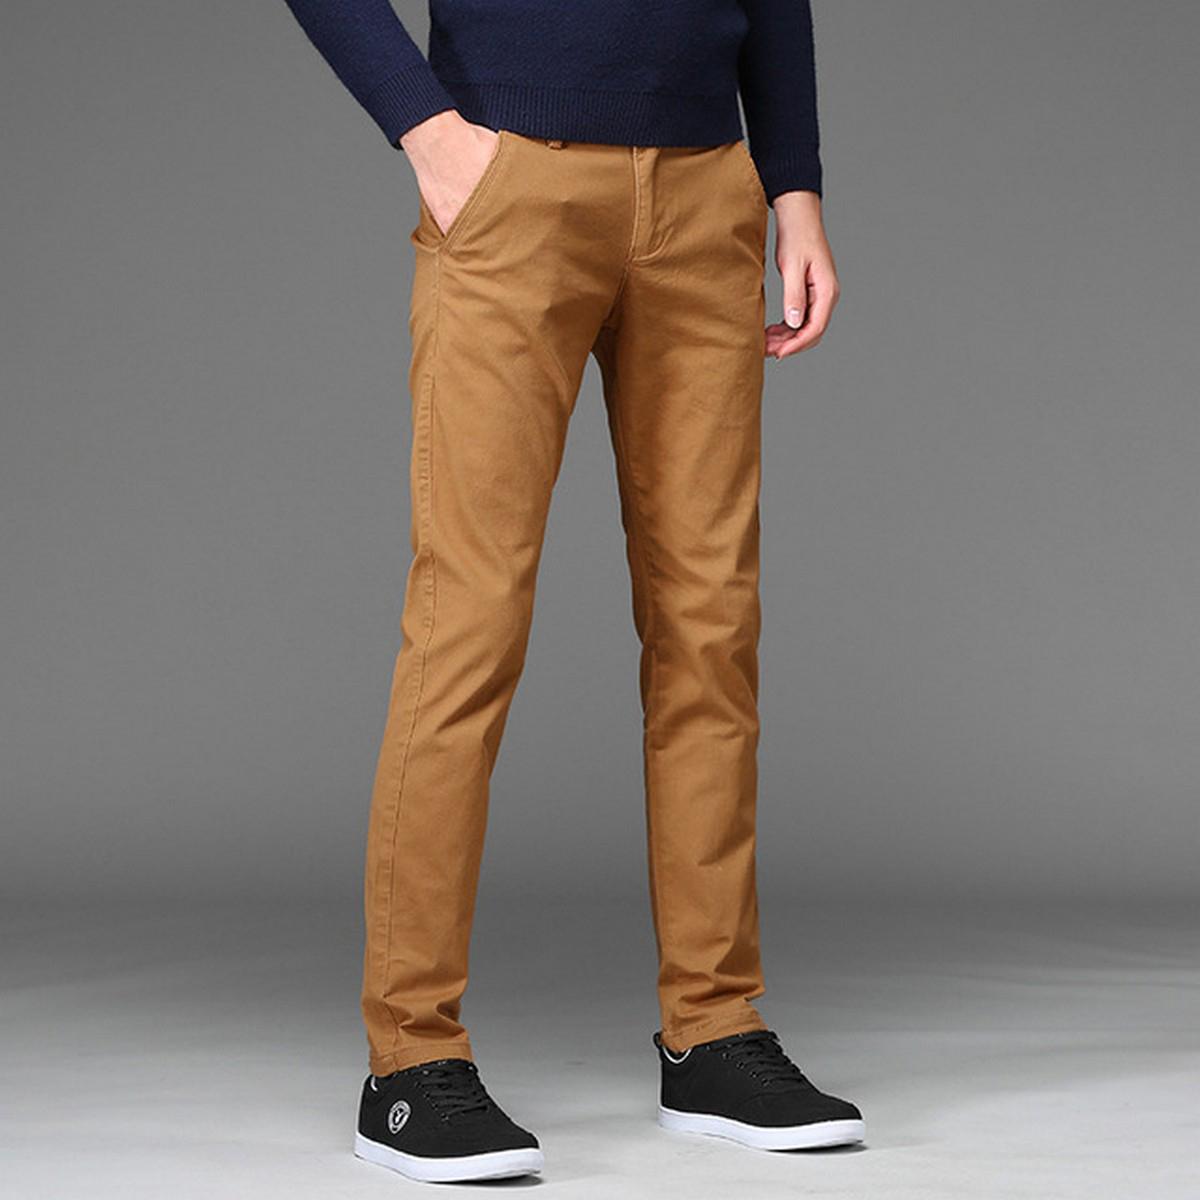 Men's Business Class Camel Color COTTON JEANS Slim-Fit Pants